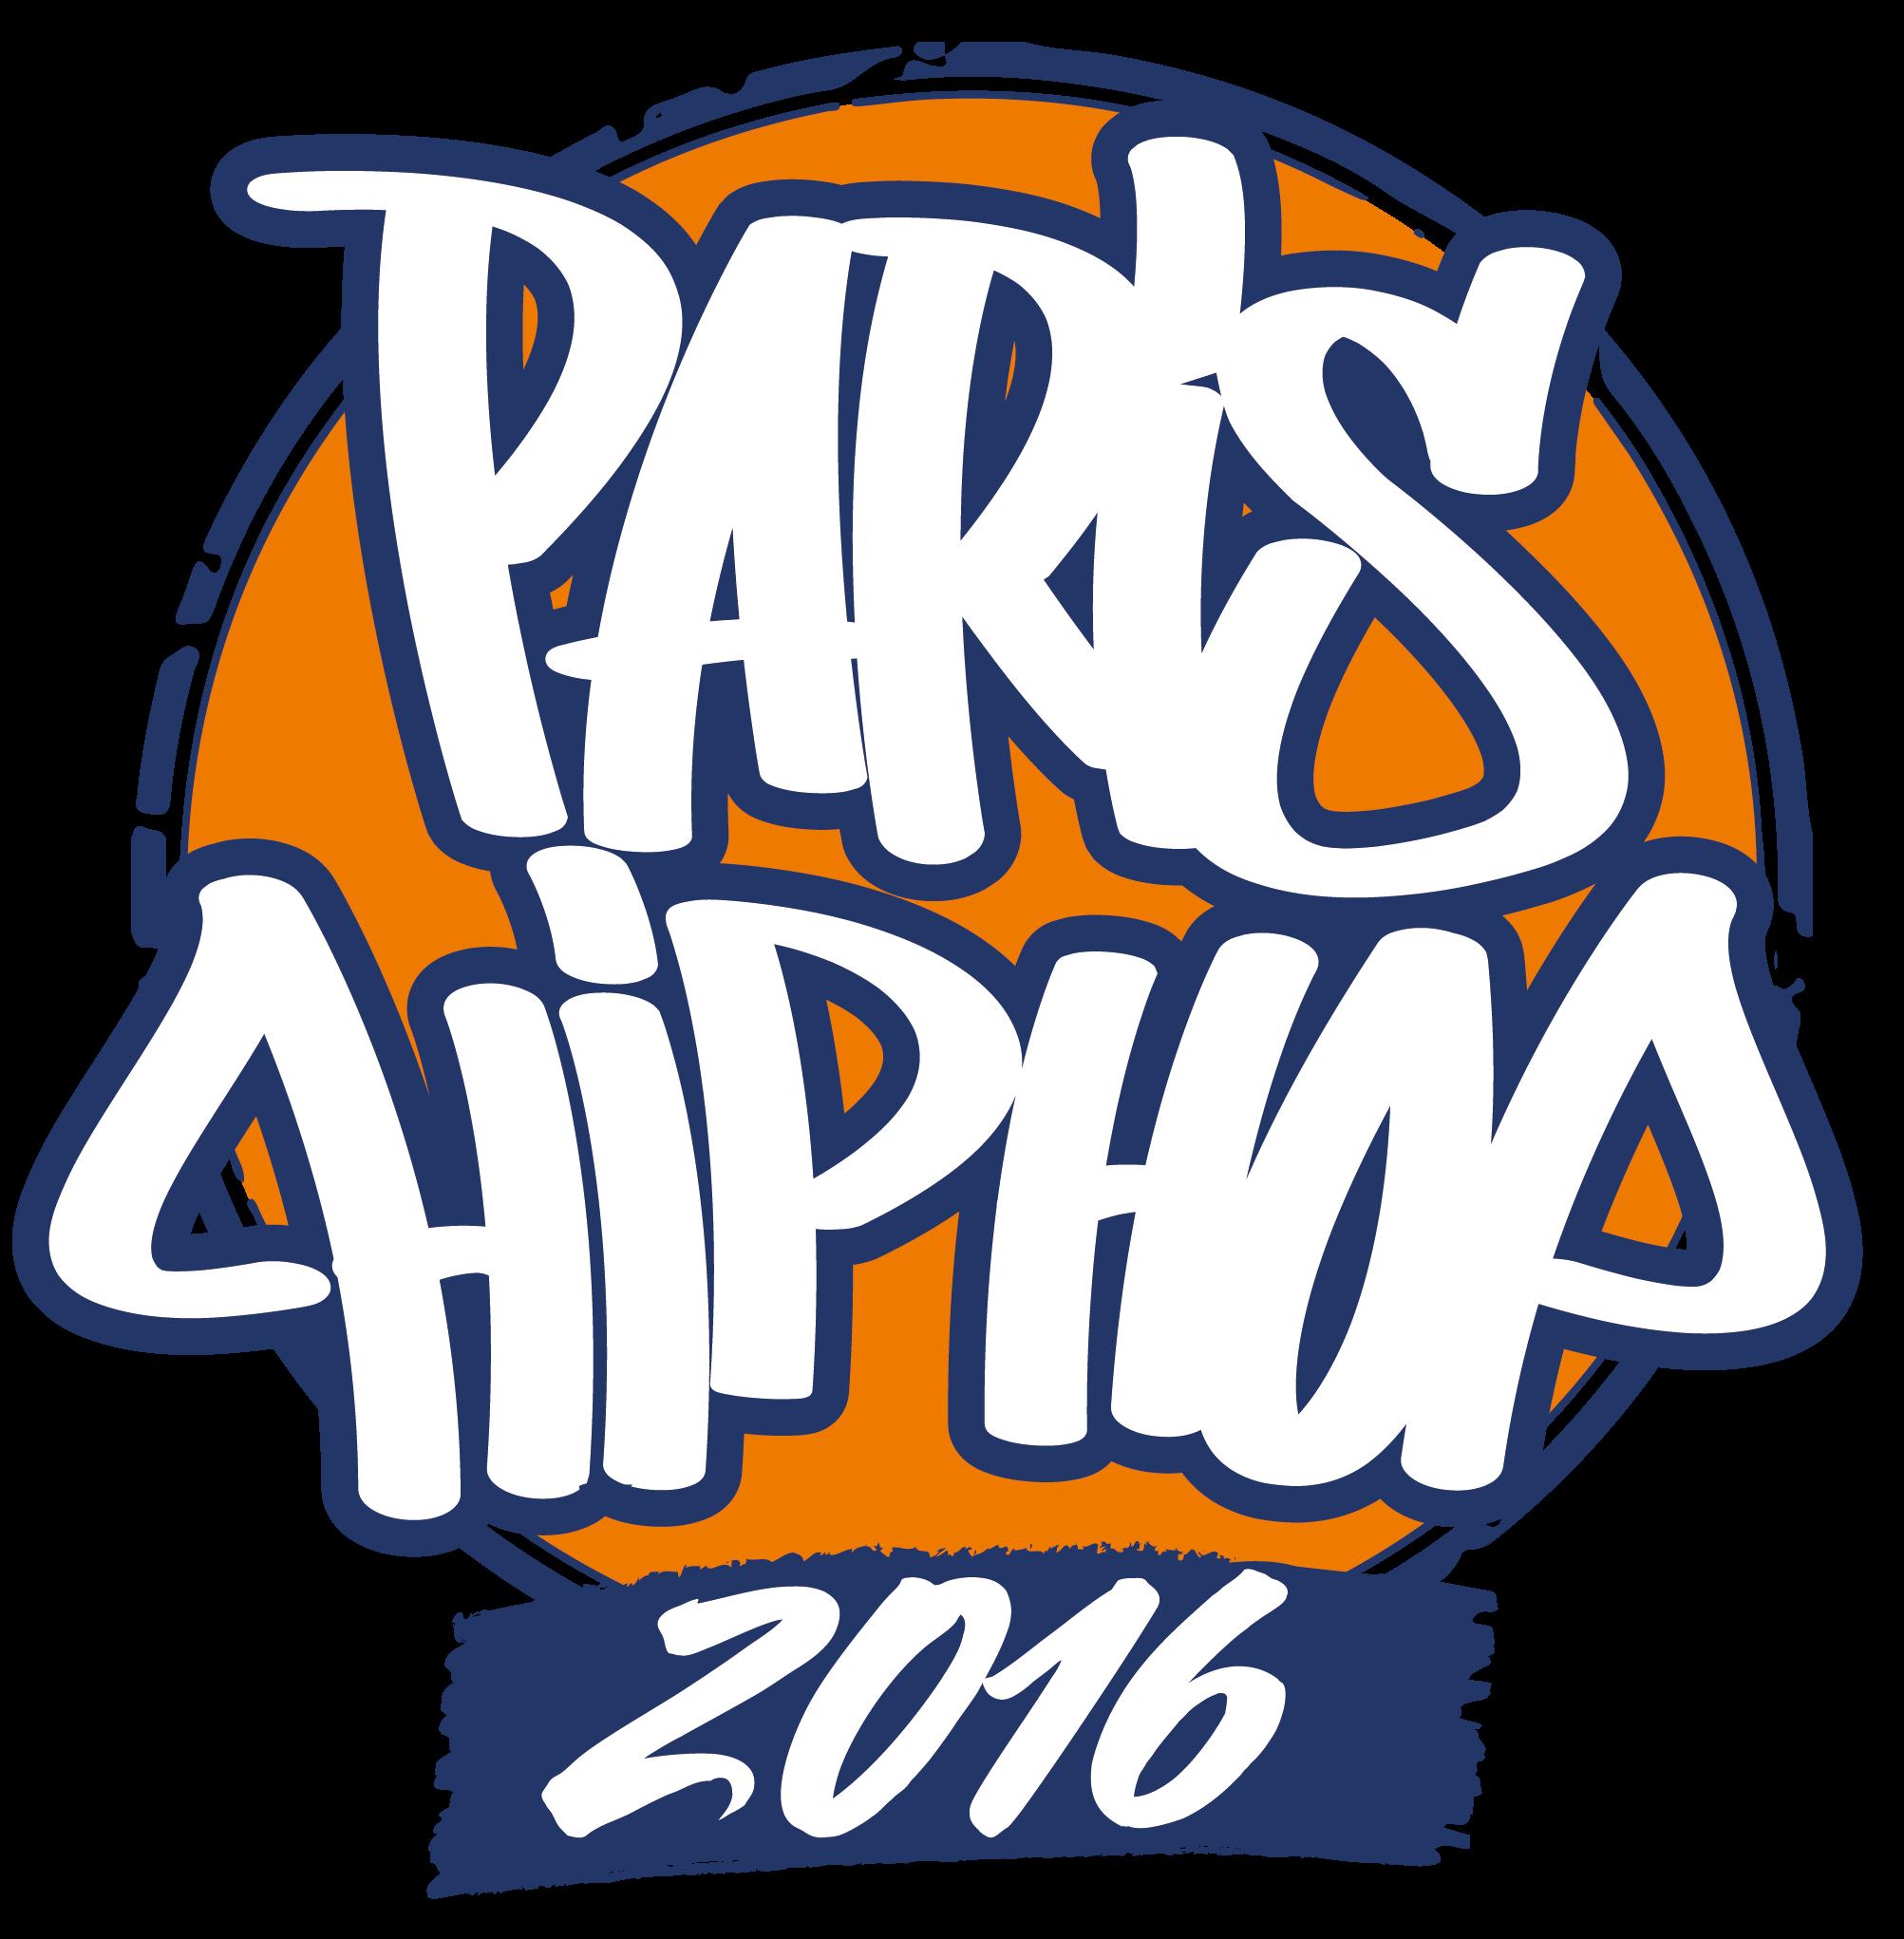 logo gratuit hip hop